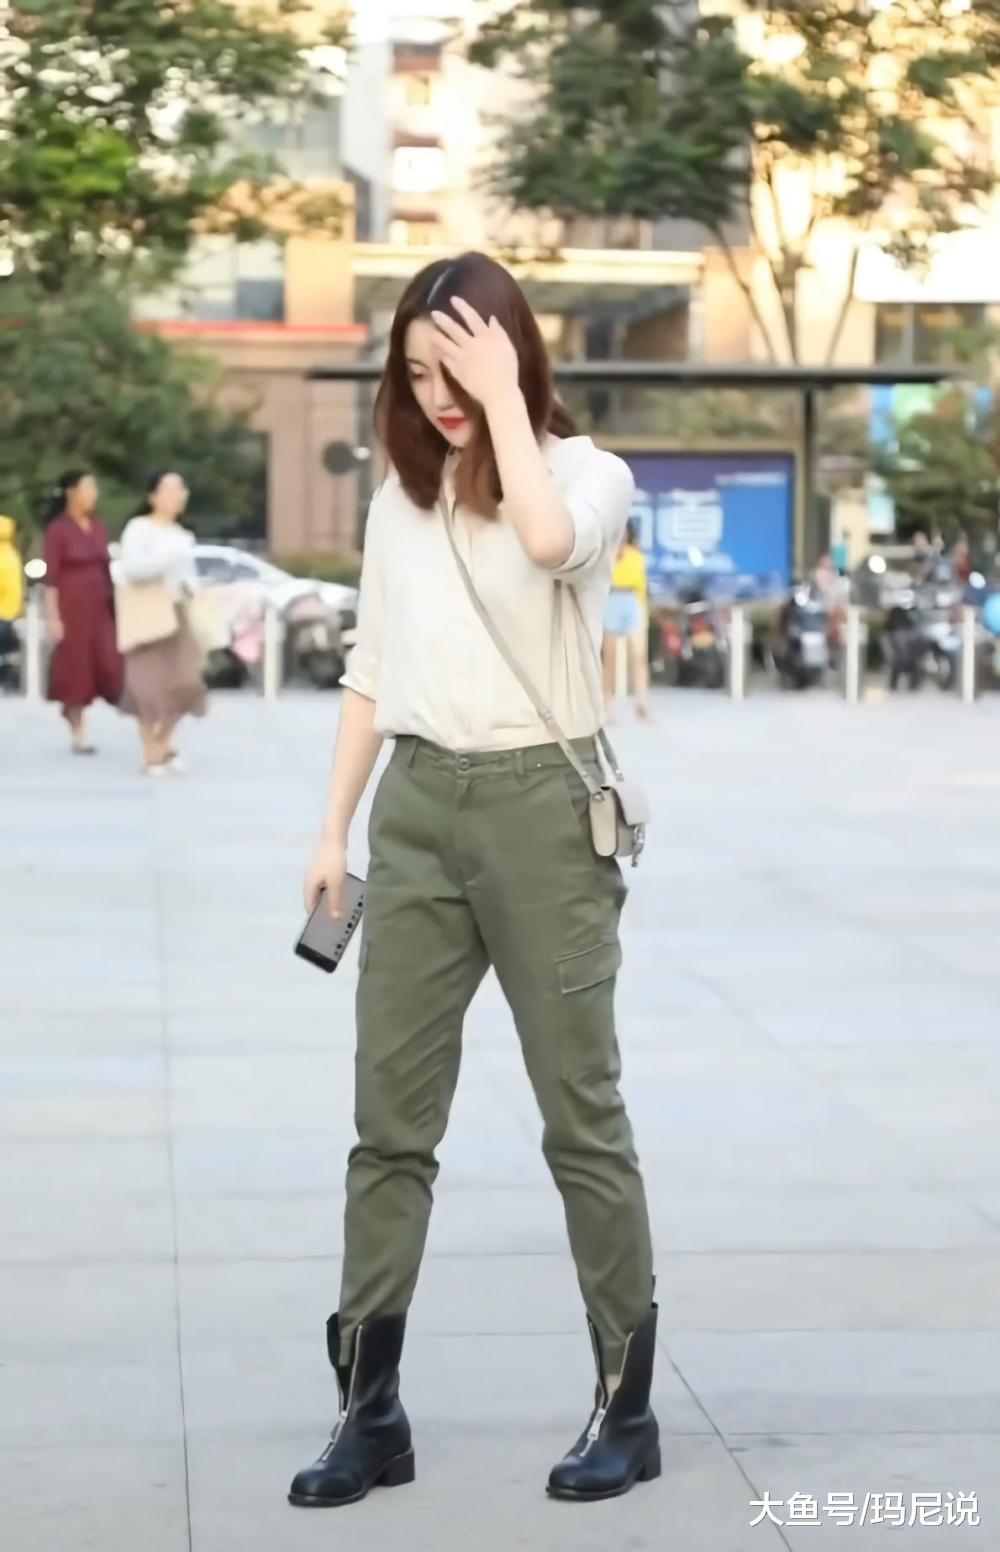 原来工装裤不仅搭老爹鞋帅气,搭小黑靴更有潮范儿,想低调都不行